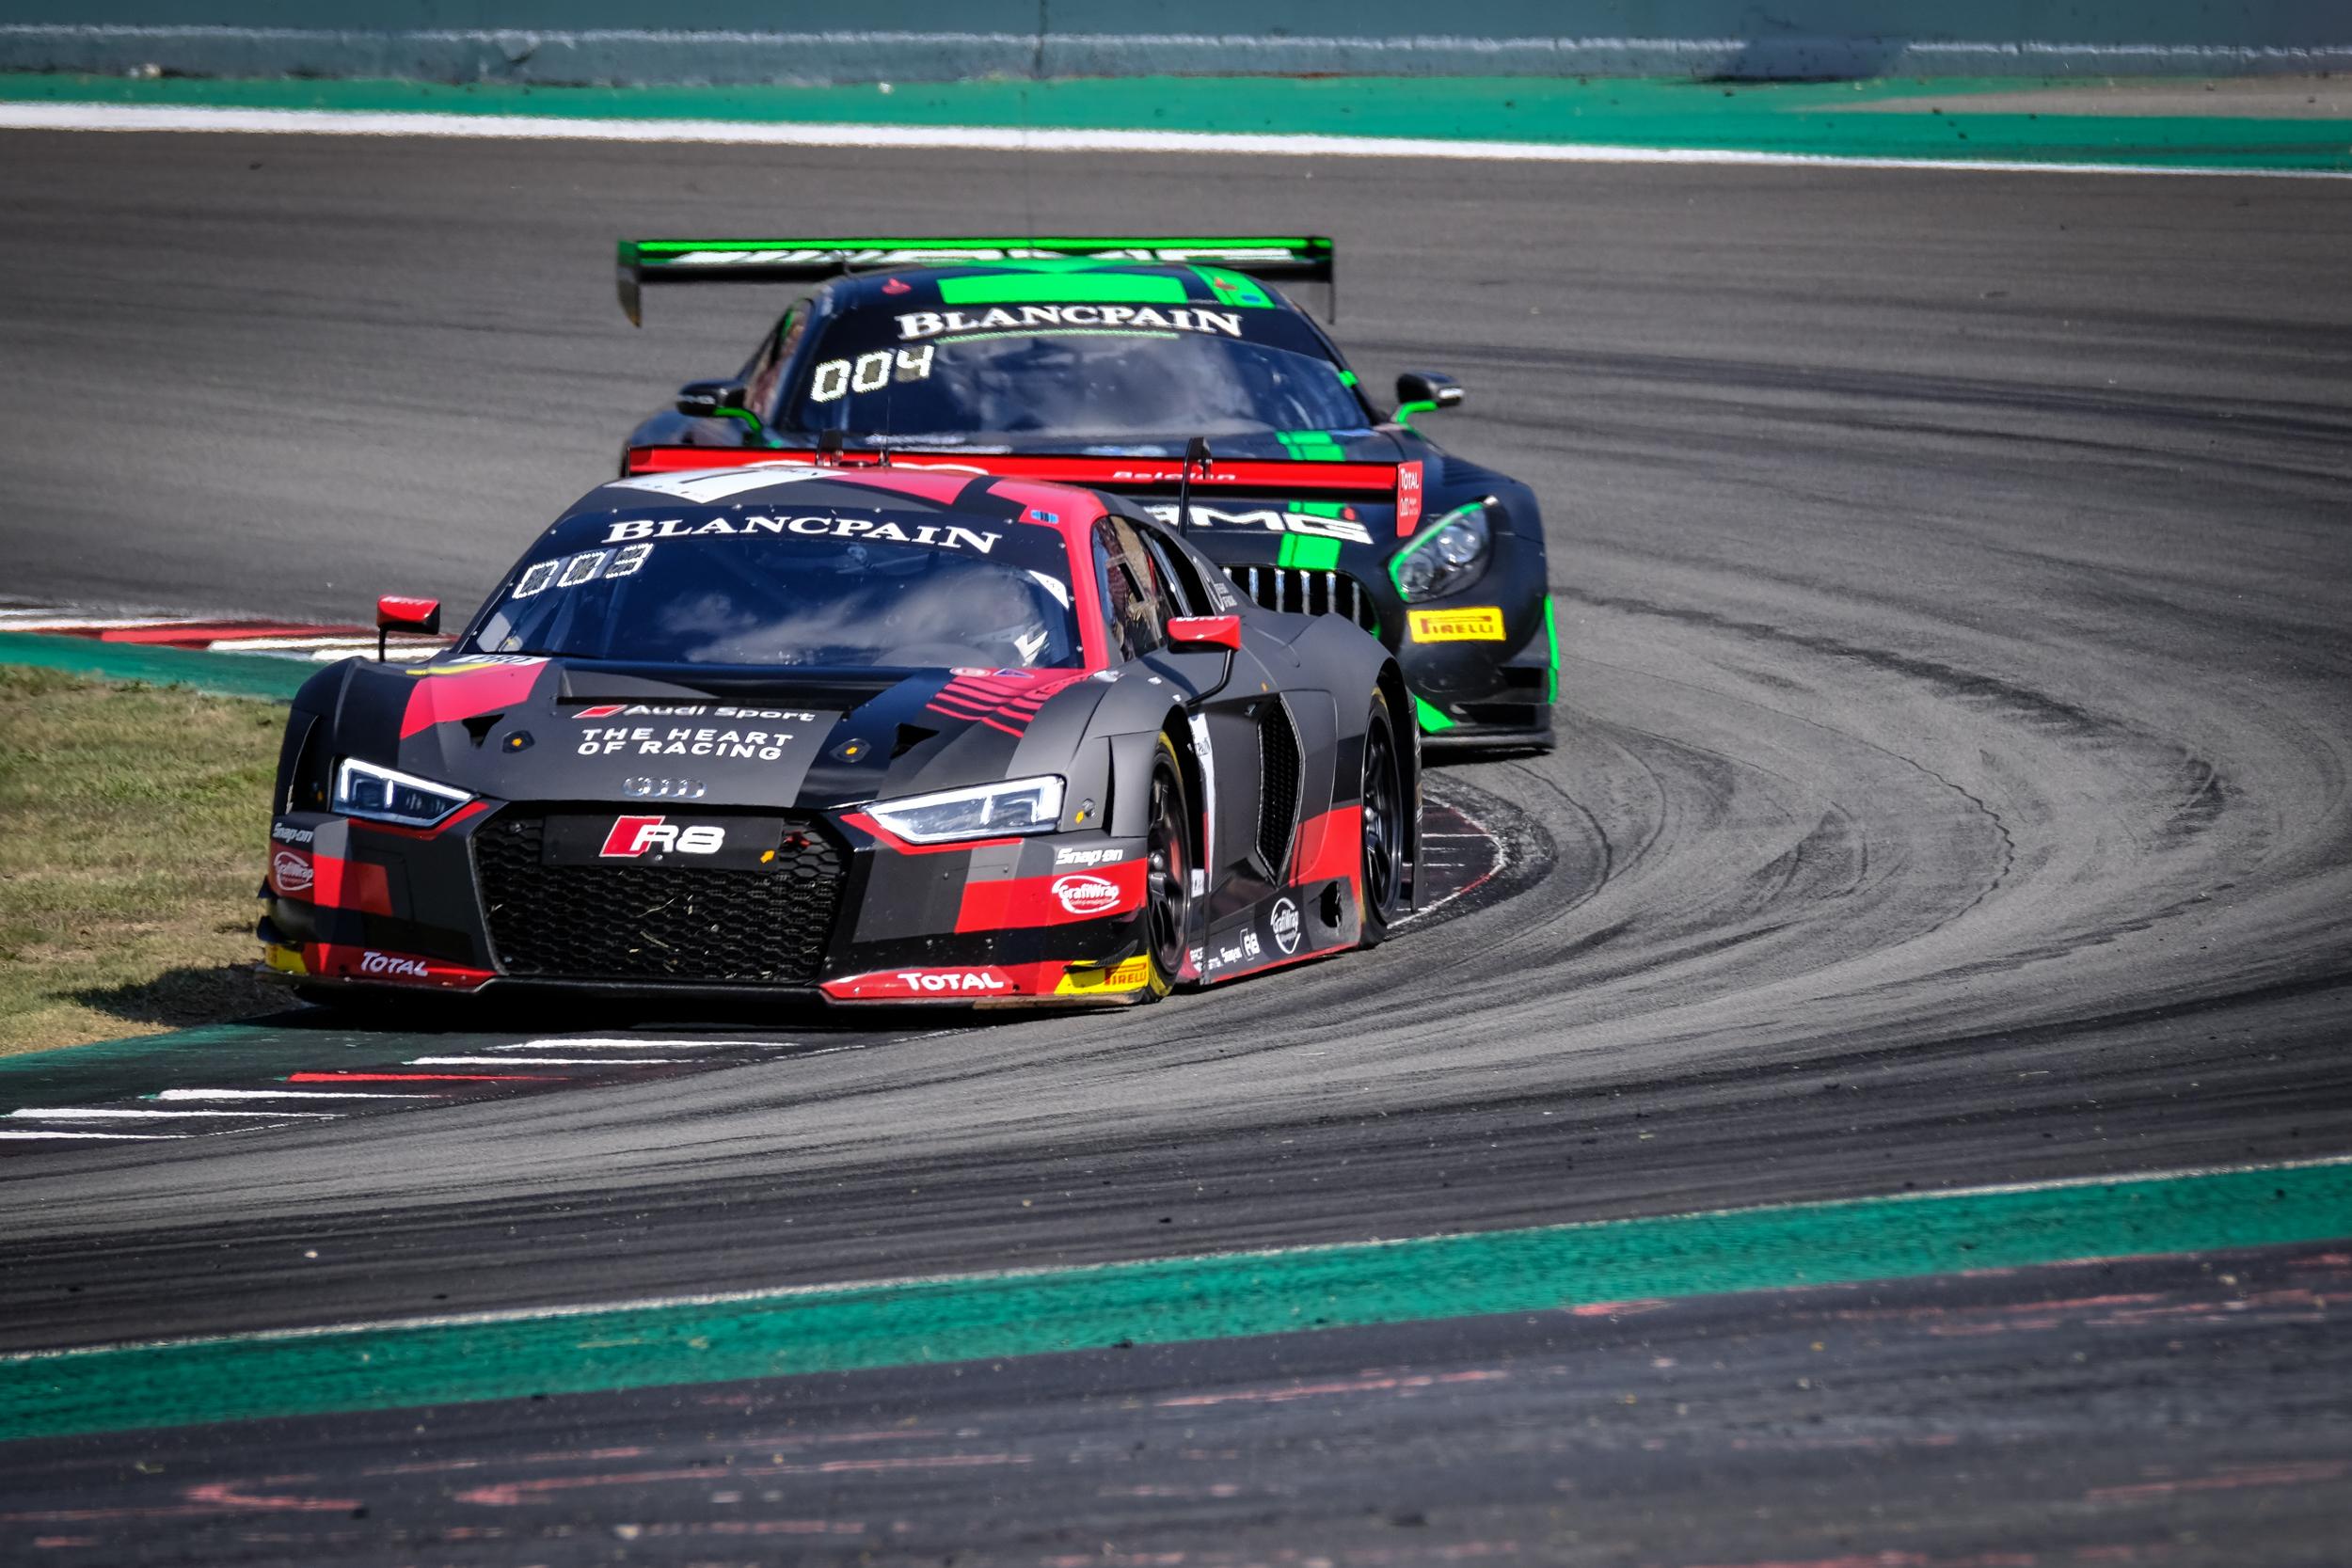 Dries Vanthoor snel maar niet beloond in finale Blancpain GT Endurance